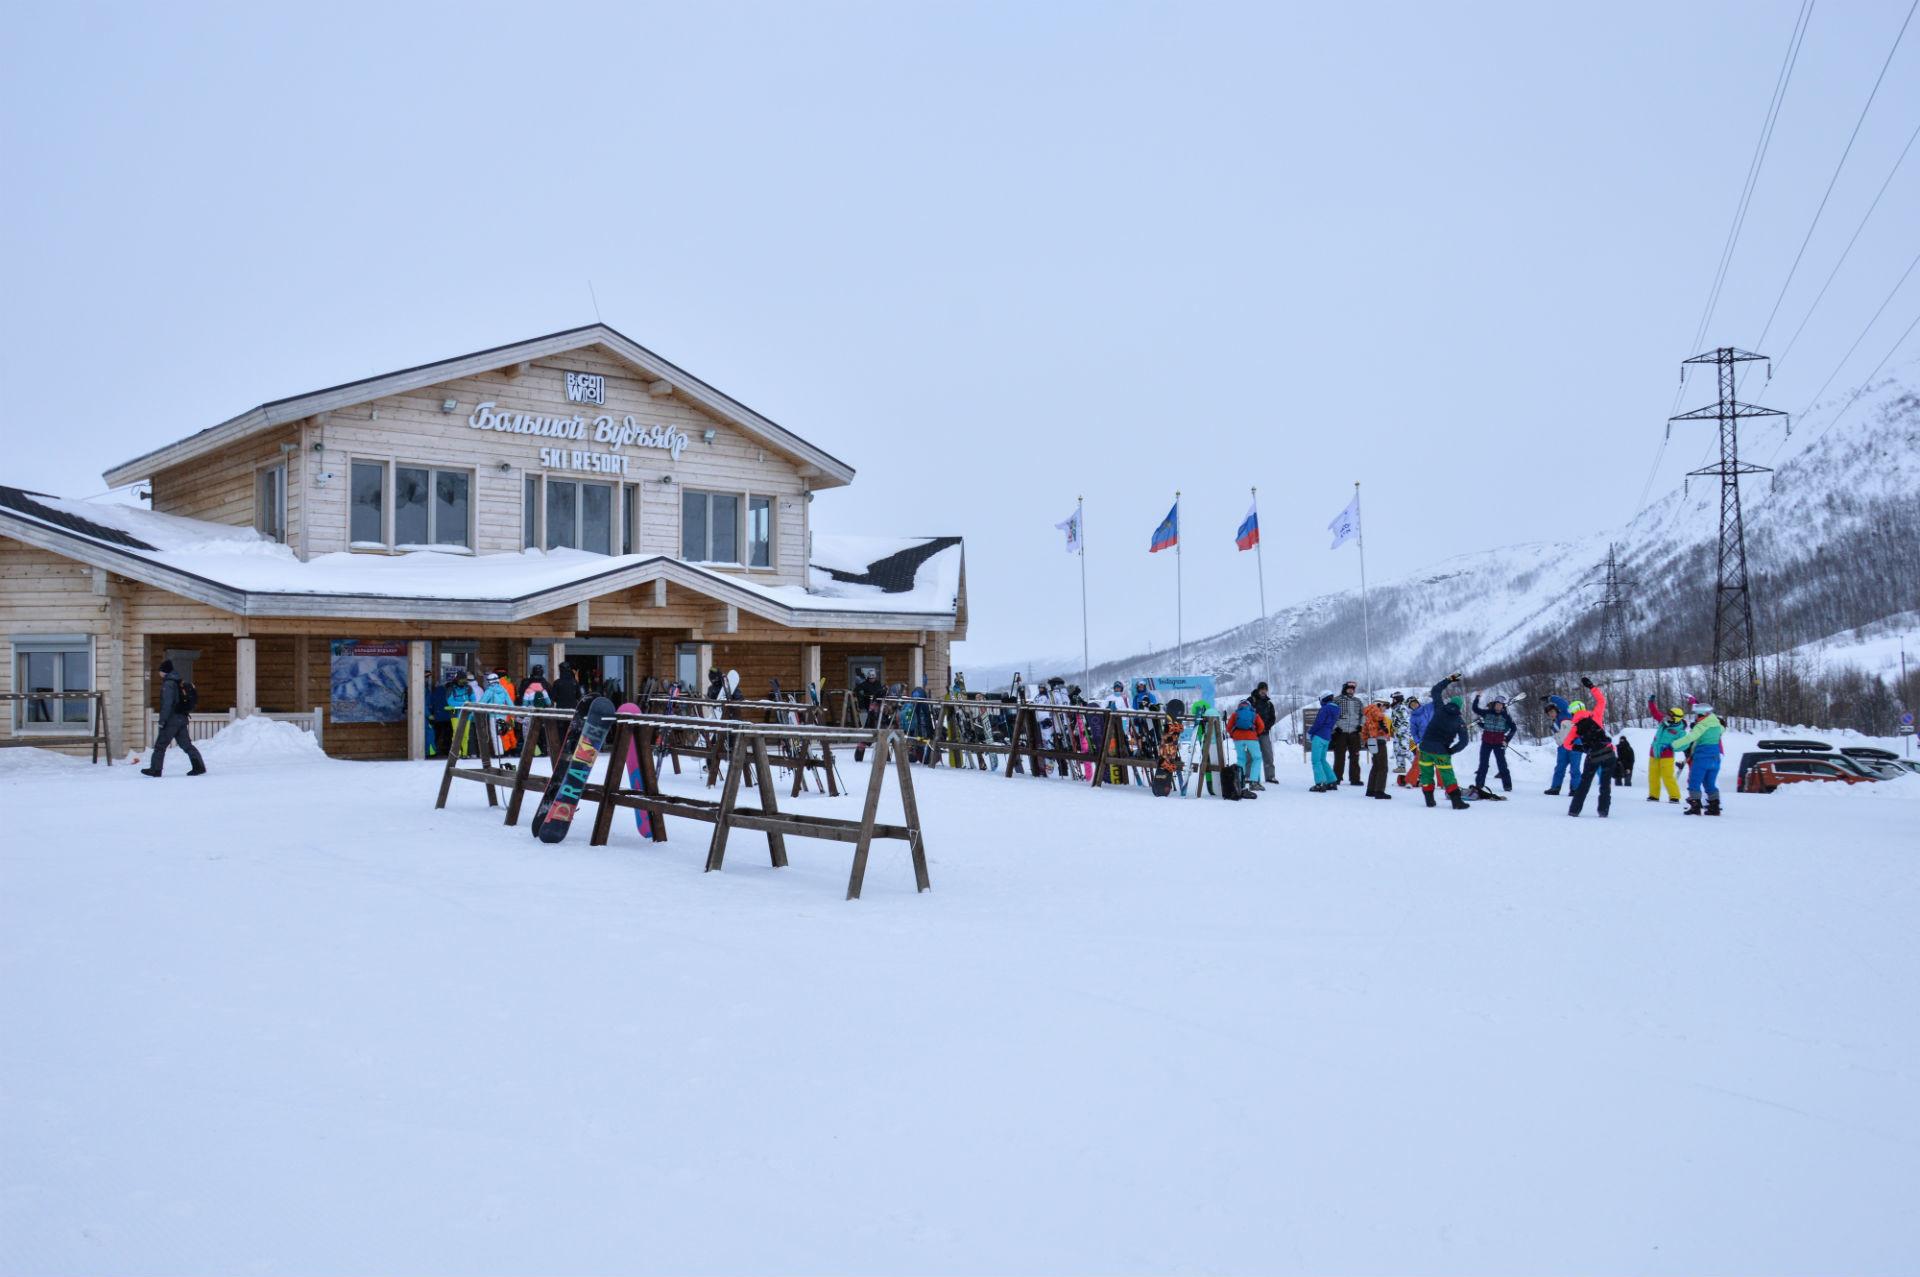 V novo smučarsko središče se steka množica turistov.